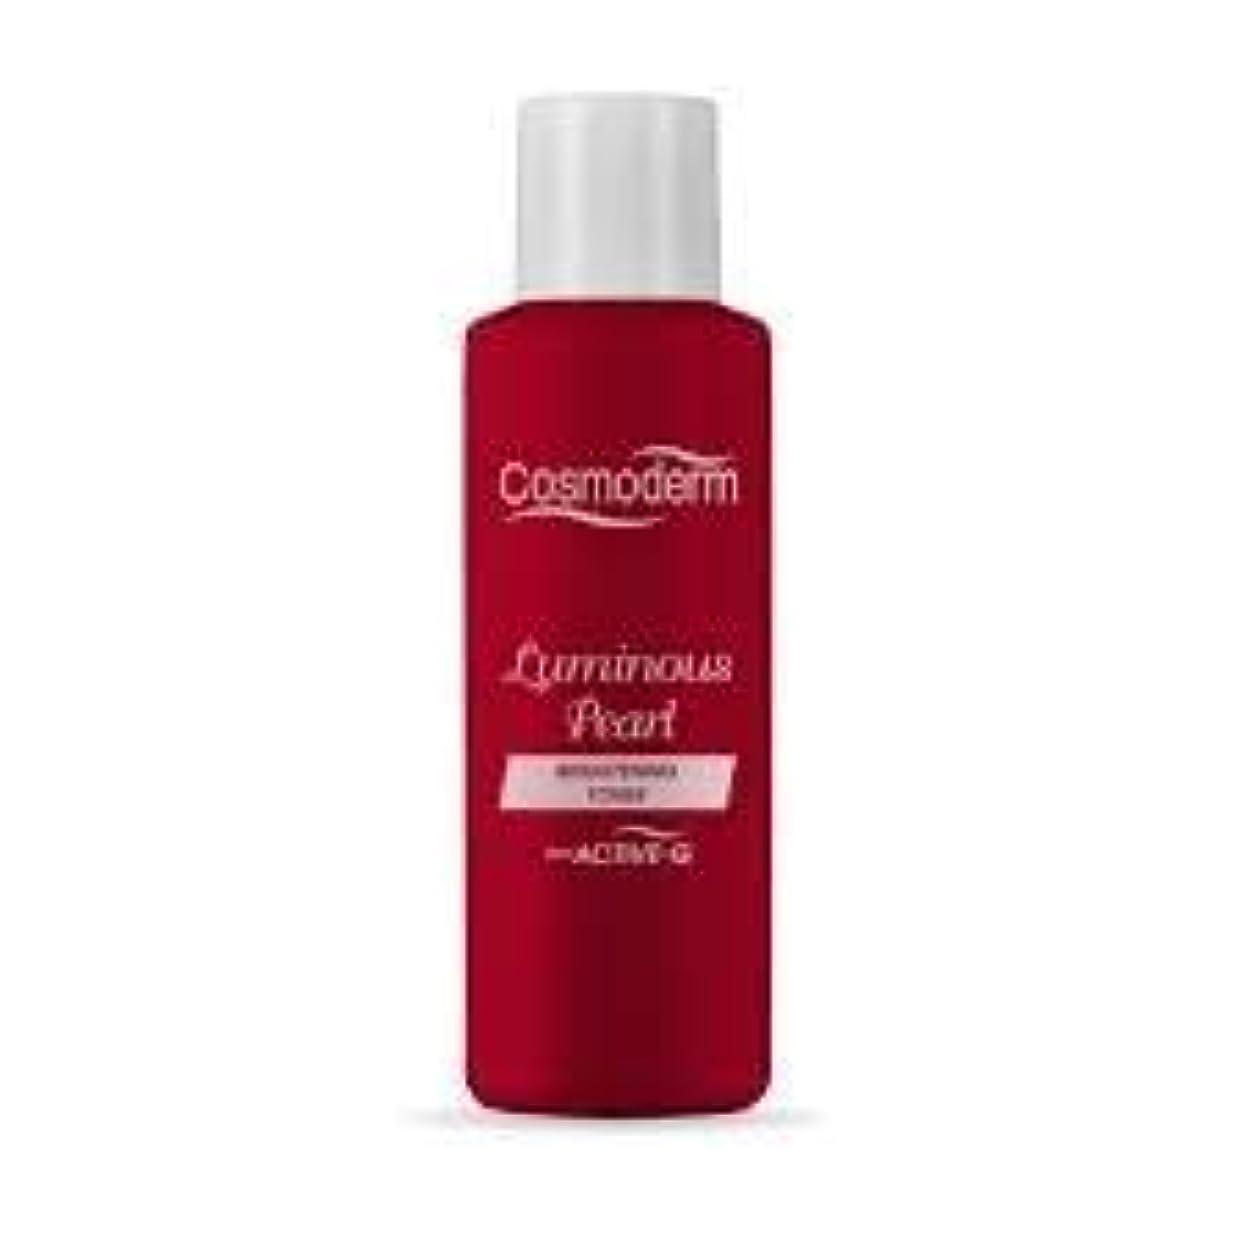 COSMODERM パールは、発光トナーを増白剤と百ミリリットルを照射すると、残留洗剤の肌のトーンを除去することにより、-helps。細胞の再生を促進し、肌を明るく